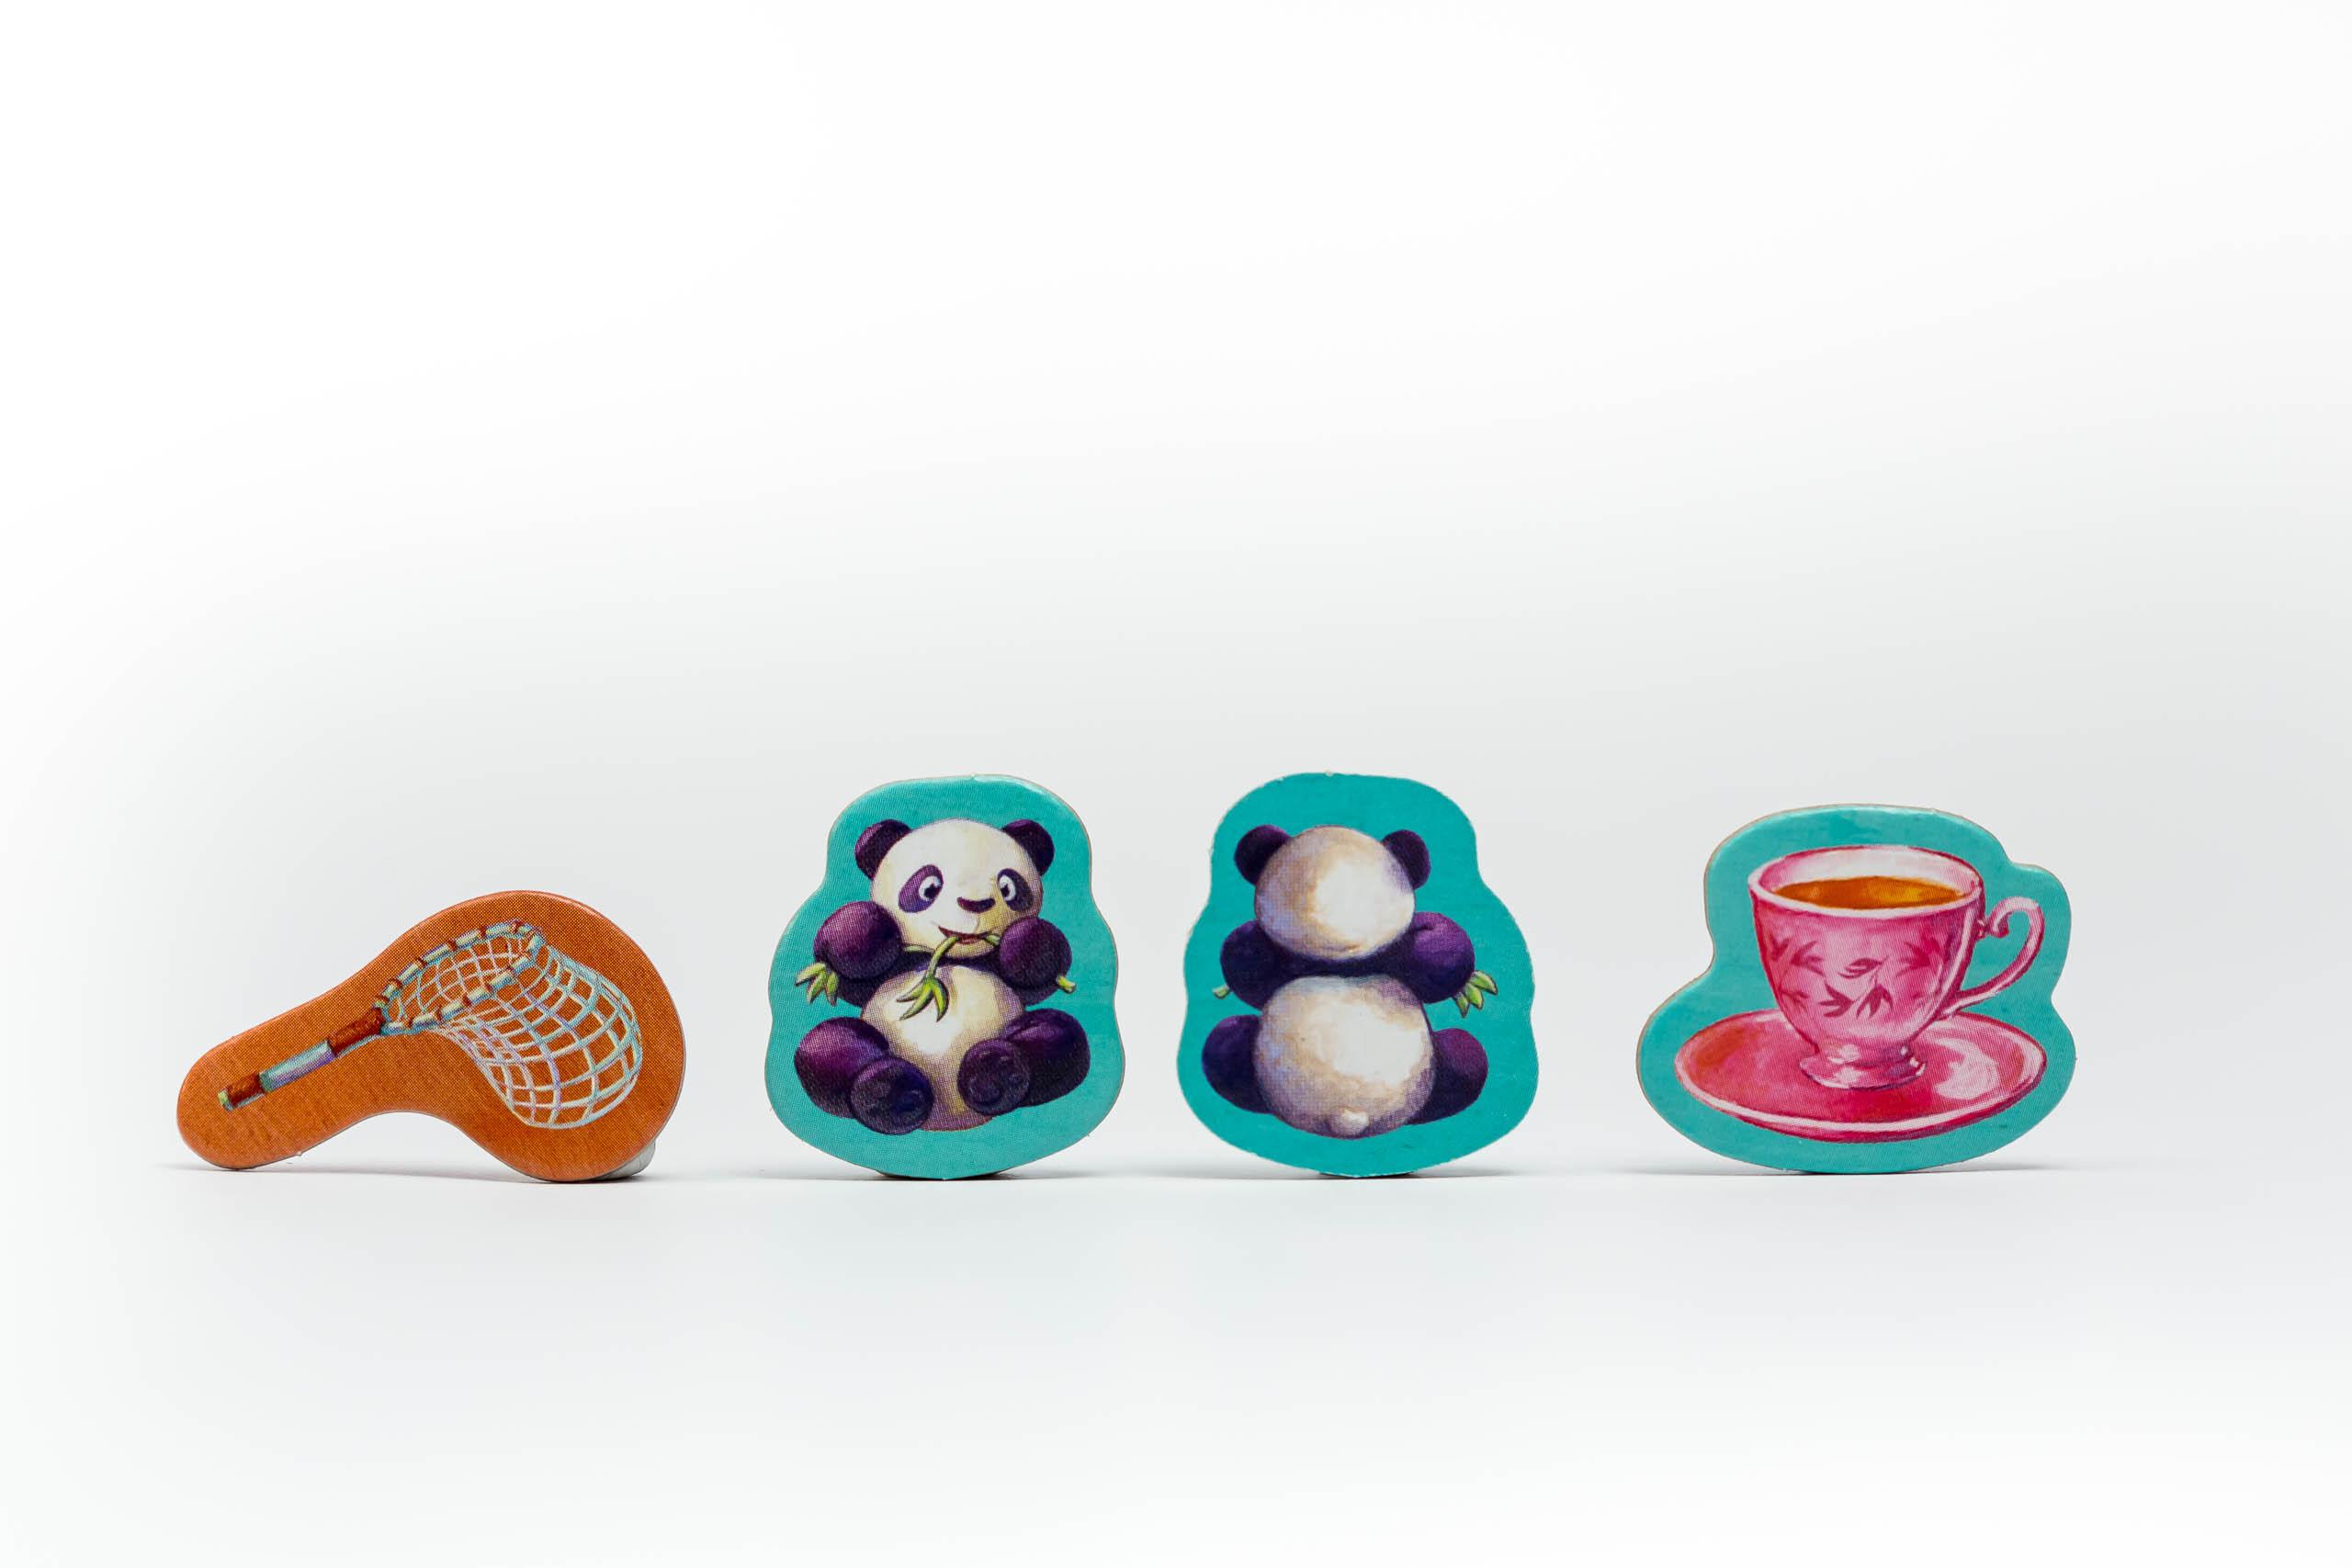 Panda tokens